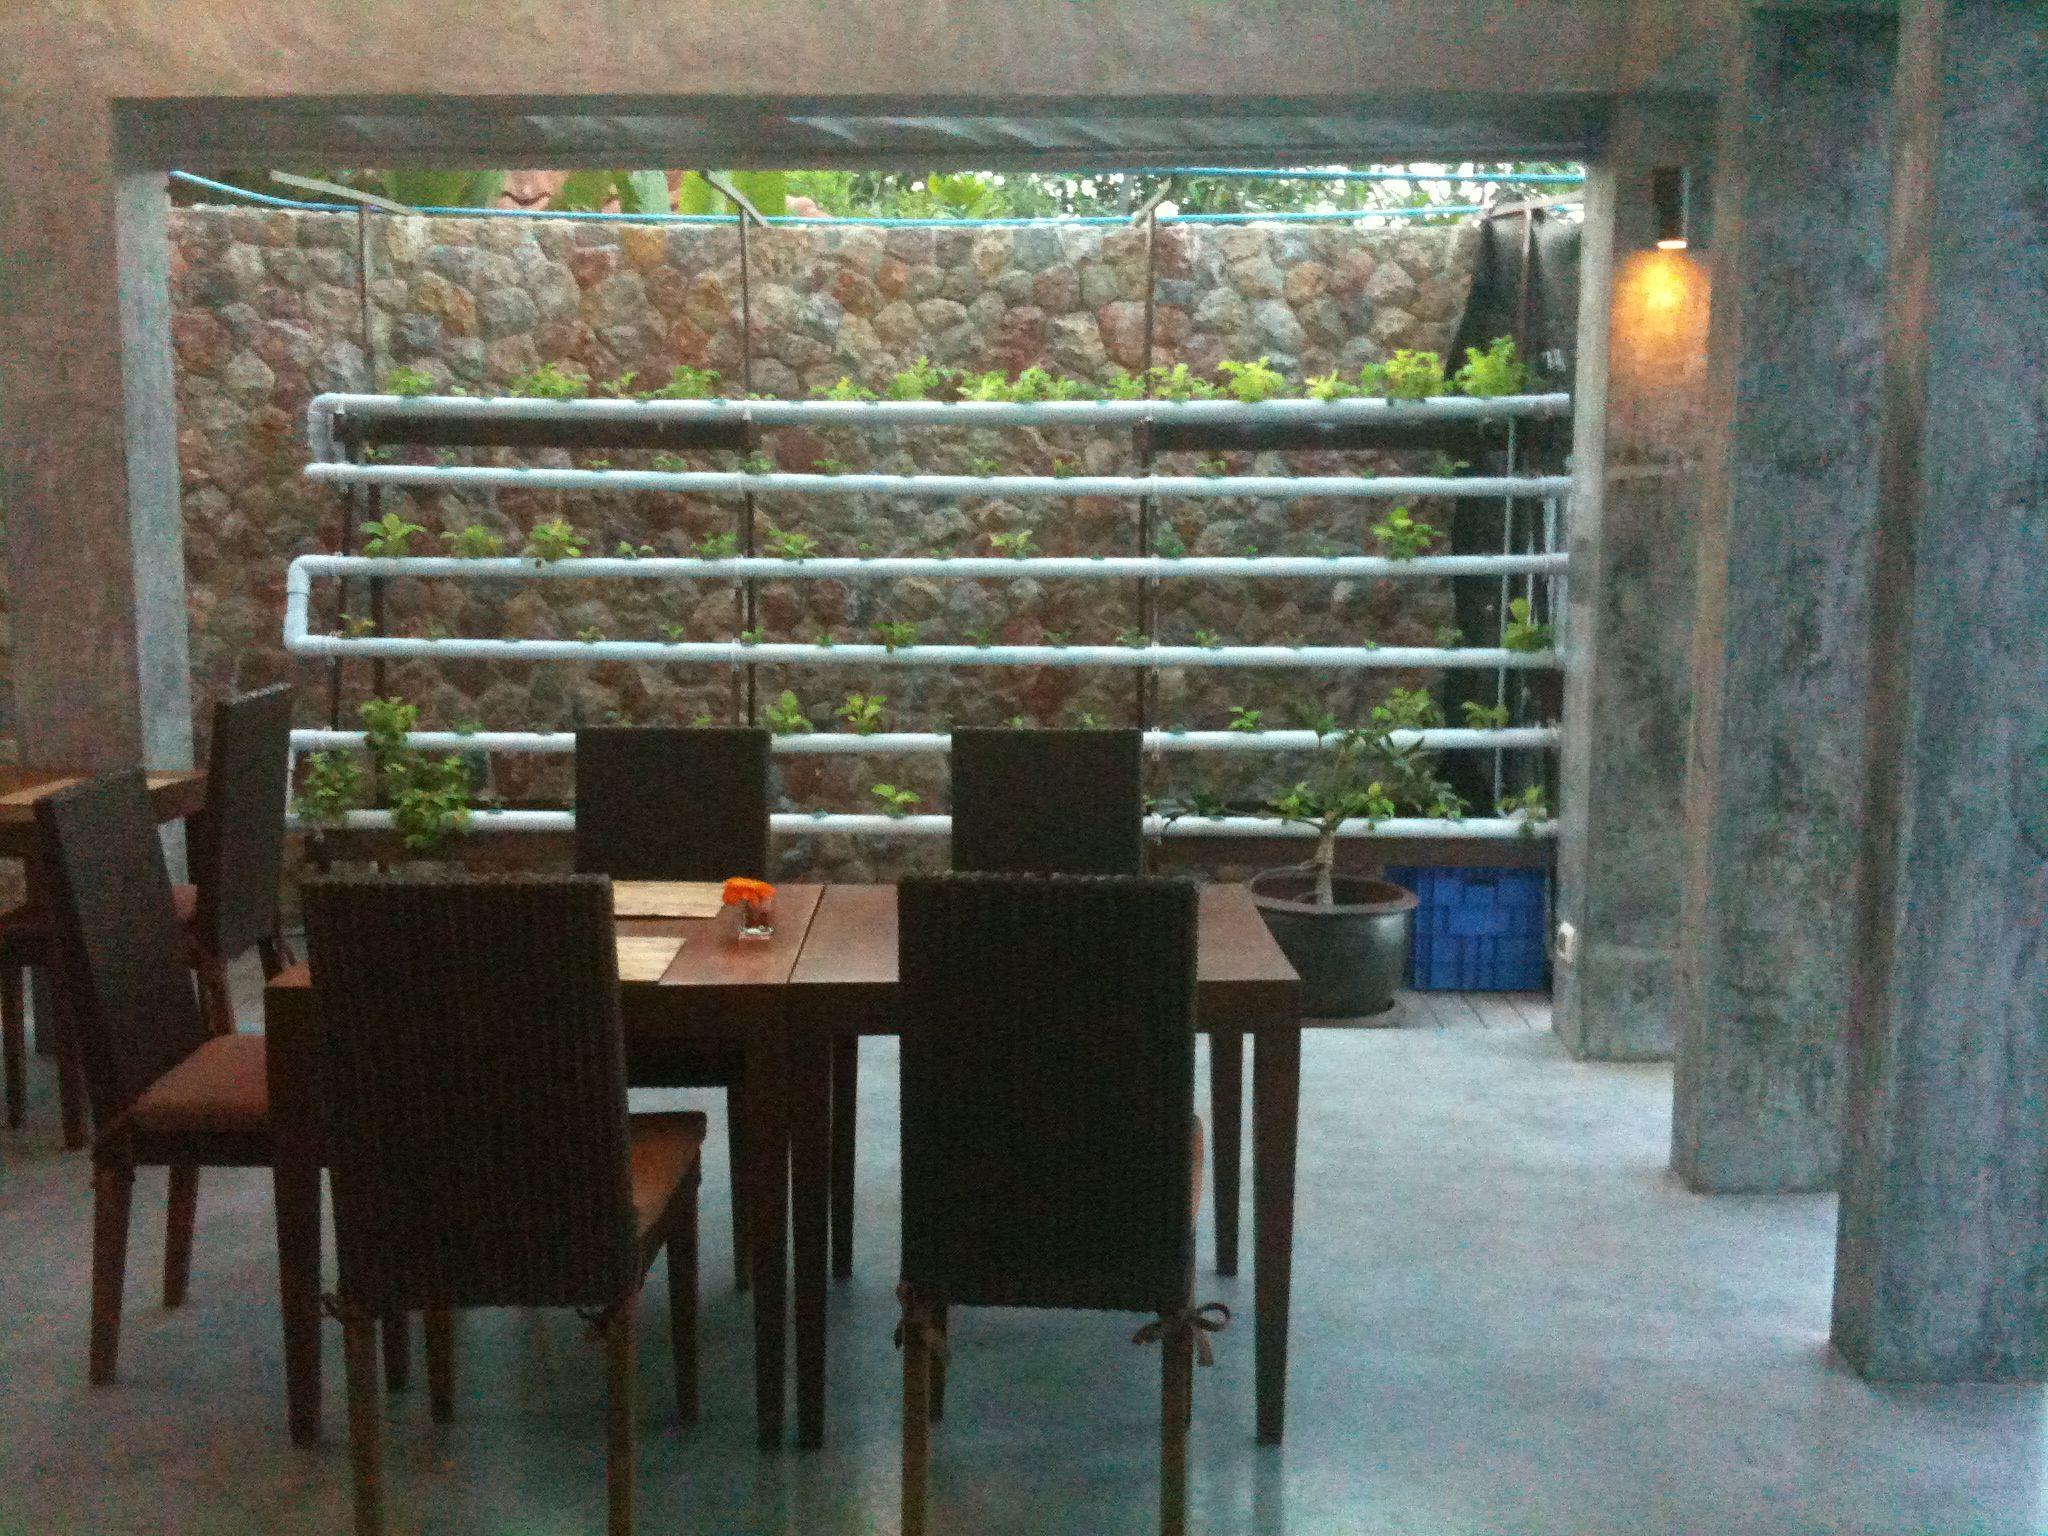 Restaurant hydro garden Hydroponic Display Gardens